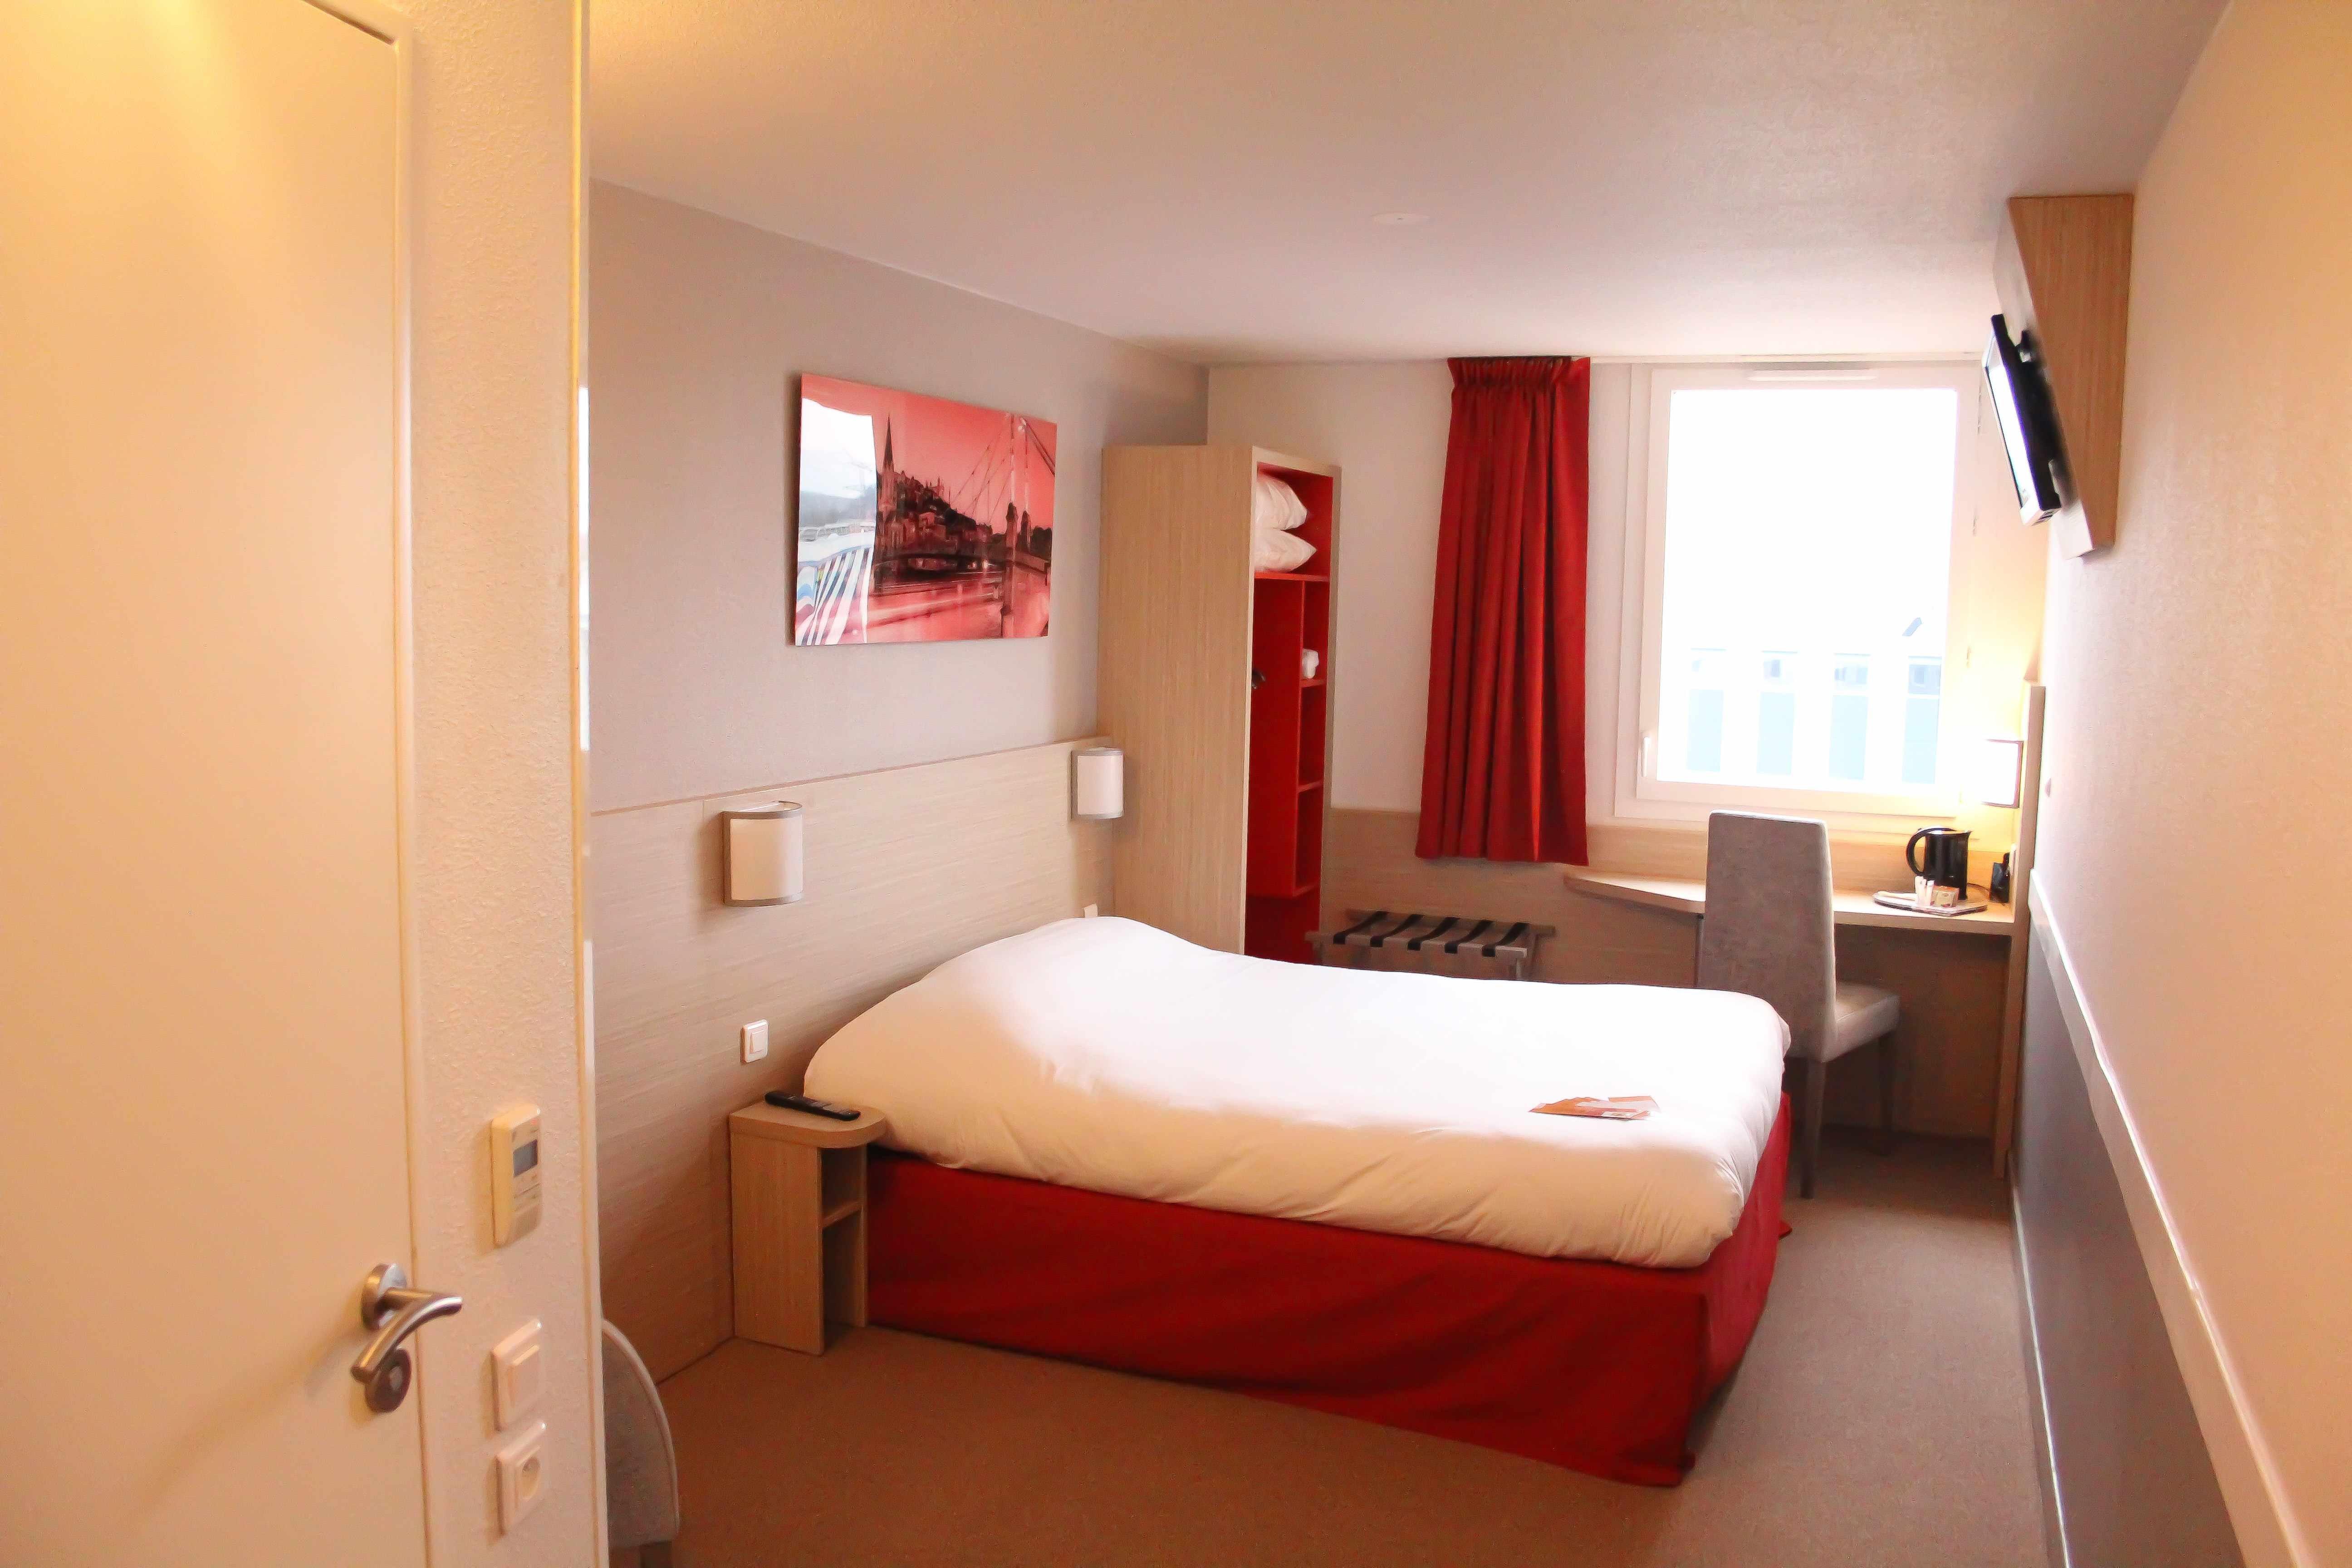 Hotel Premiere Classe Rouen Nord Bois Guillaume Hotels Premiare Classe Paris Est Rosny Sous Bois Ofertas